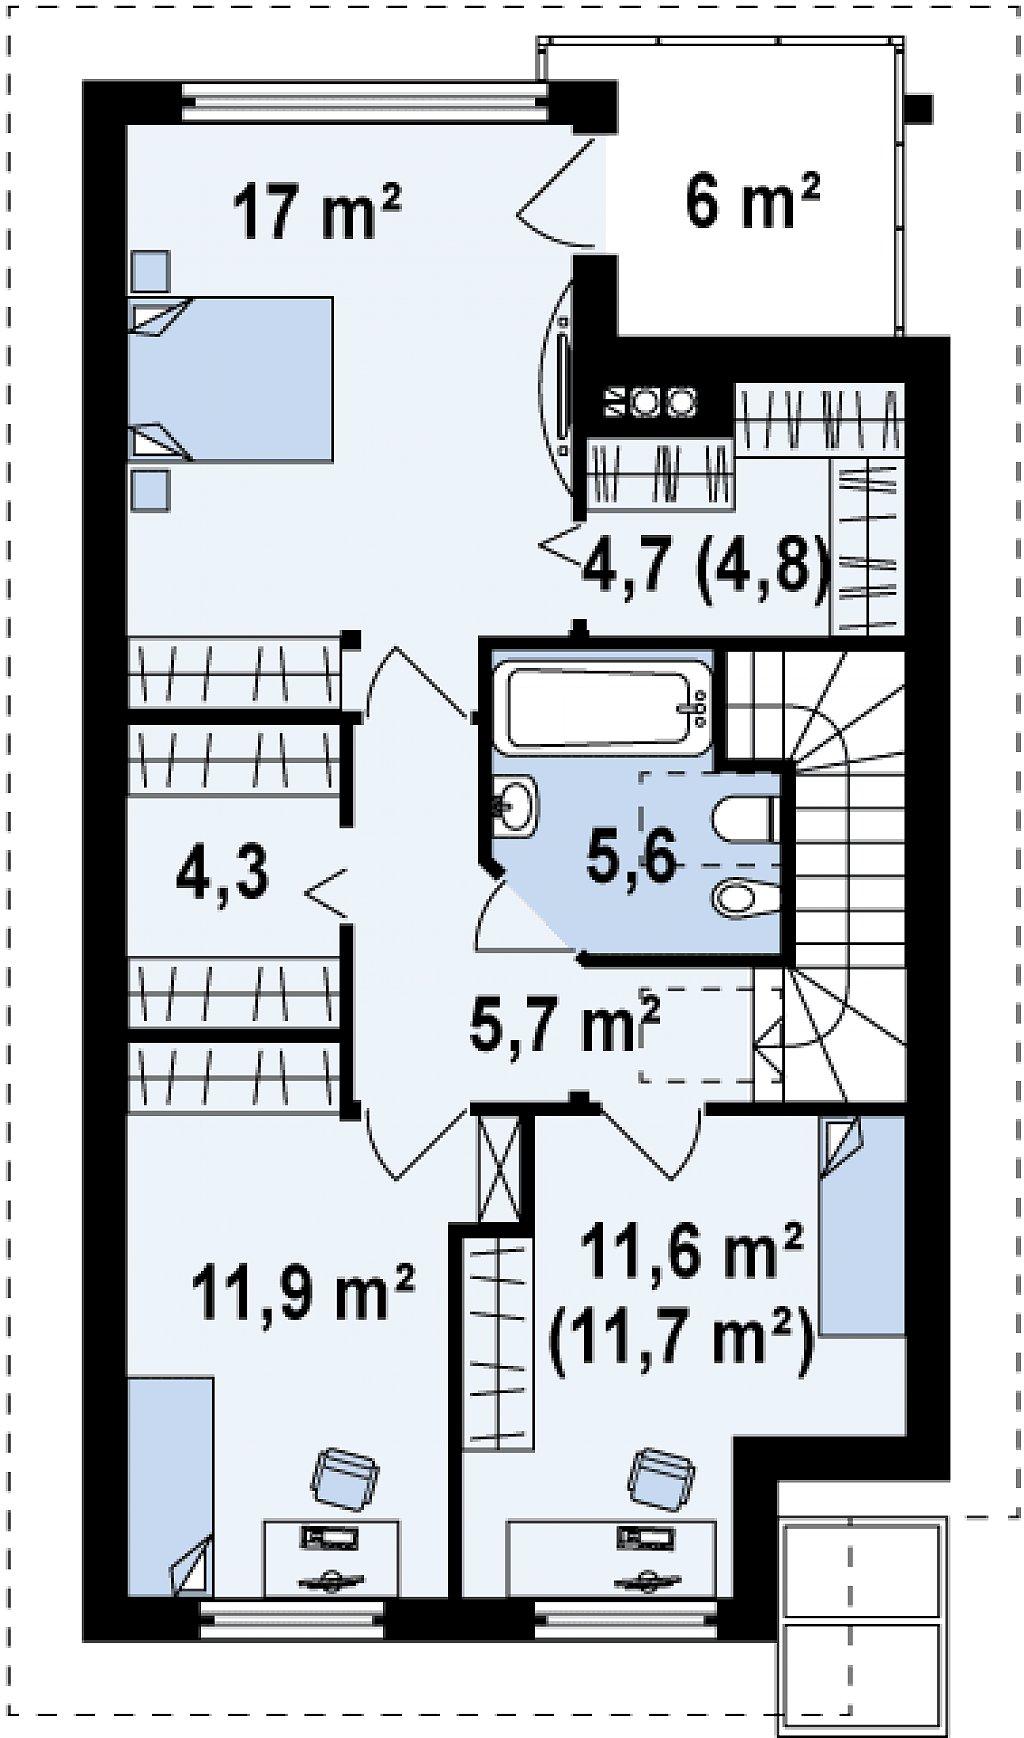 Энергоэффективный и удобный дом с современными элементами отделки фасадов. Подходит для узкого участка. план помещений 2